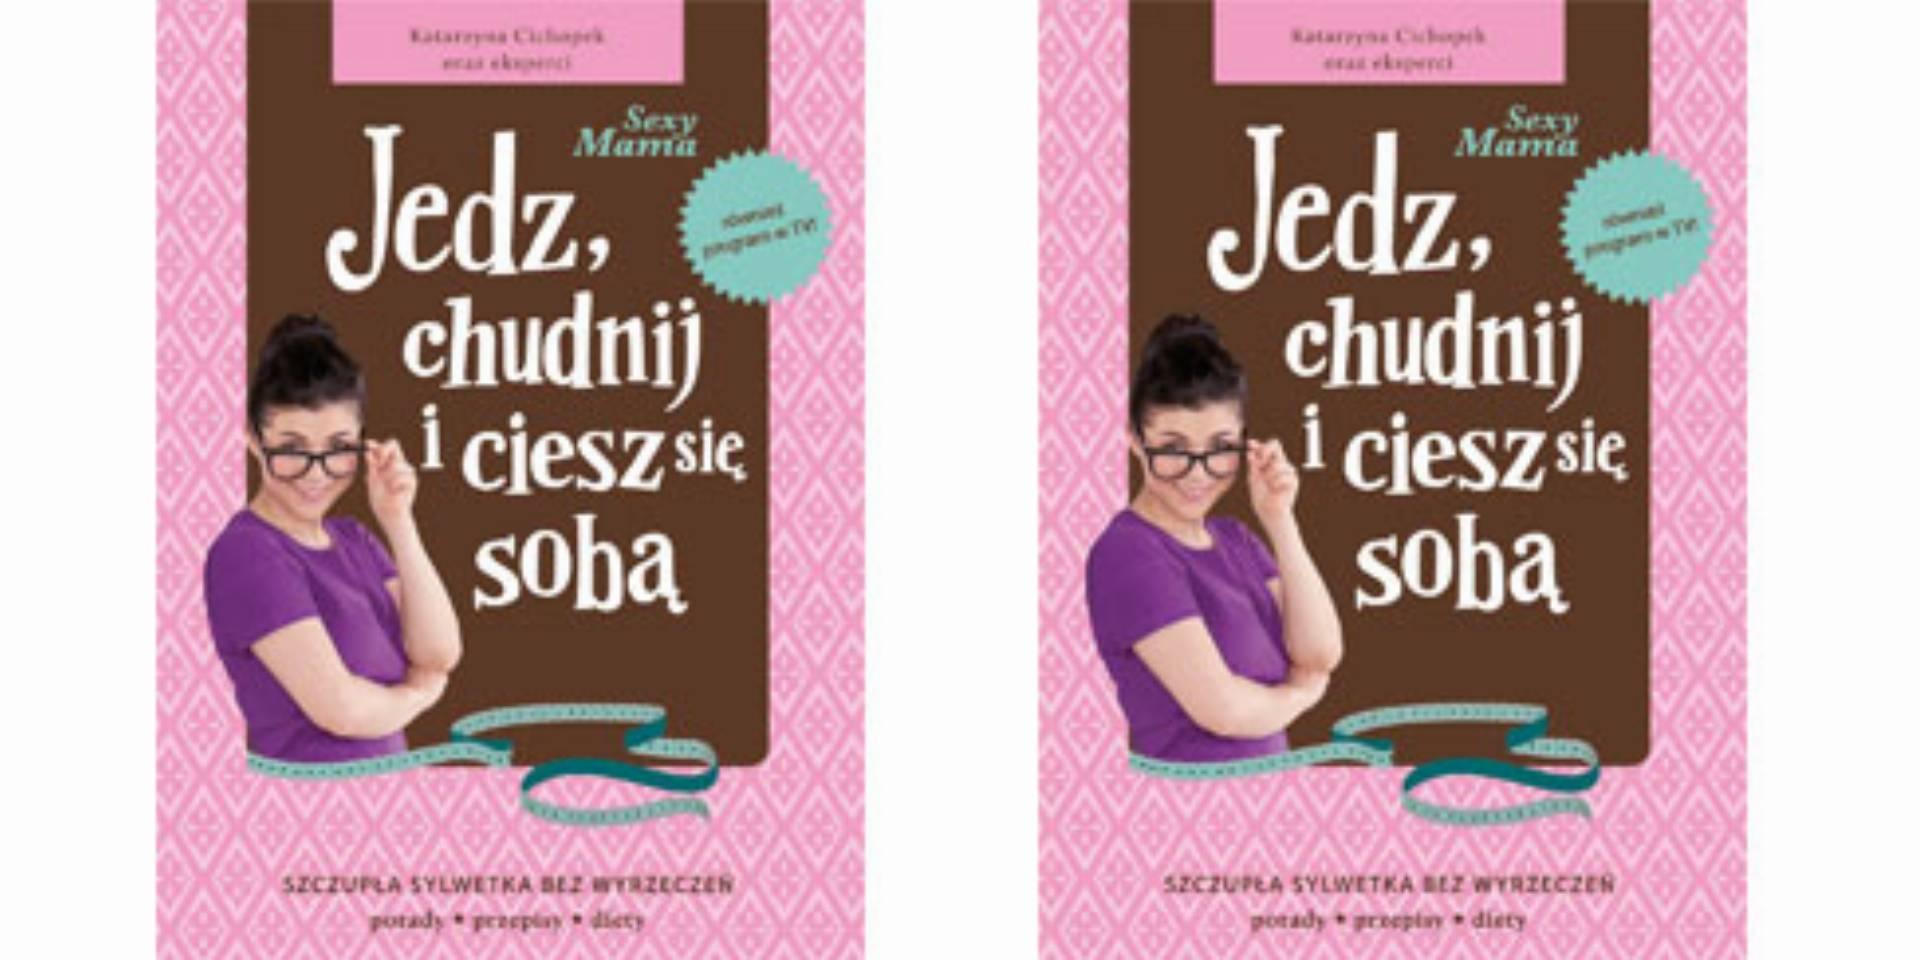 Katarzyna Cichopek - Jedz, chudnij i ciesz sie soba